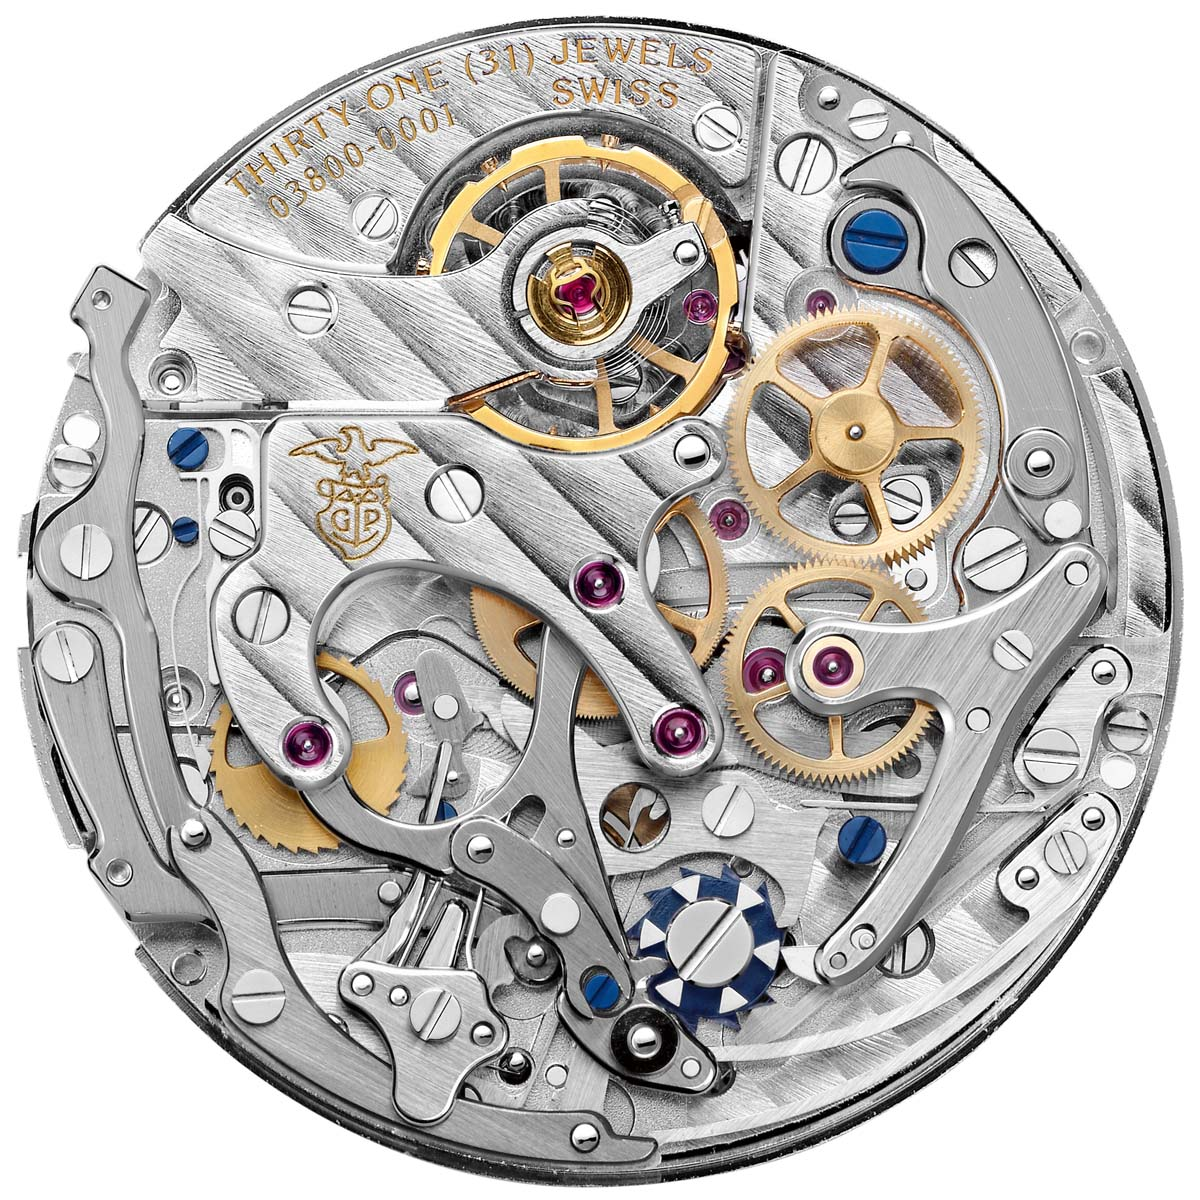 La Cote des Montres : Photo - Girard-Perregaux 1966 chronographe à roue à colonnes